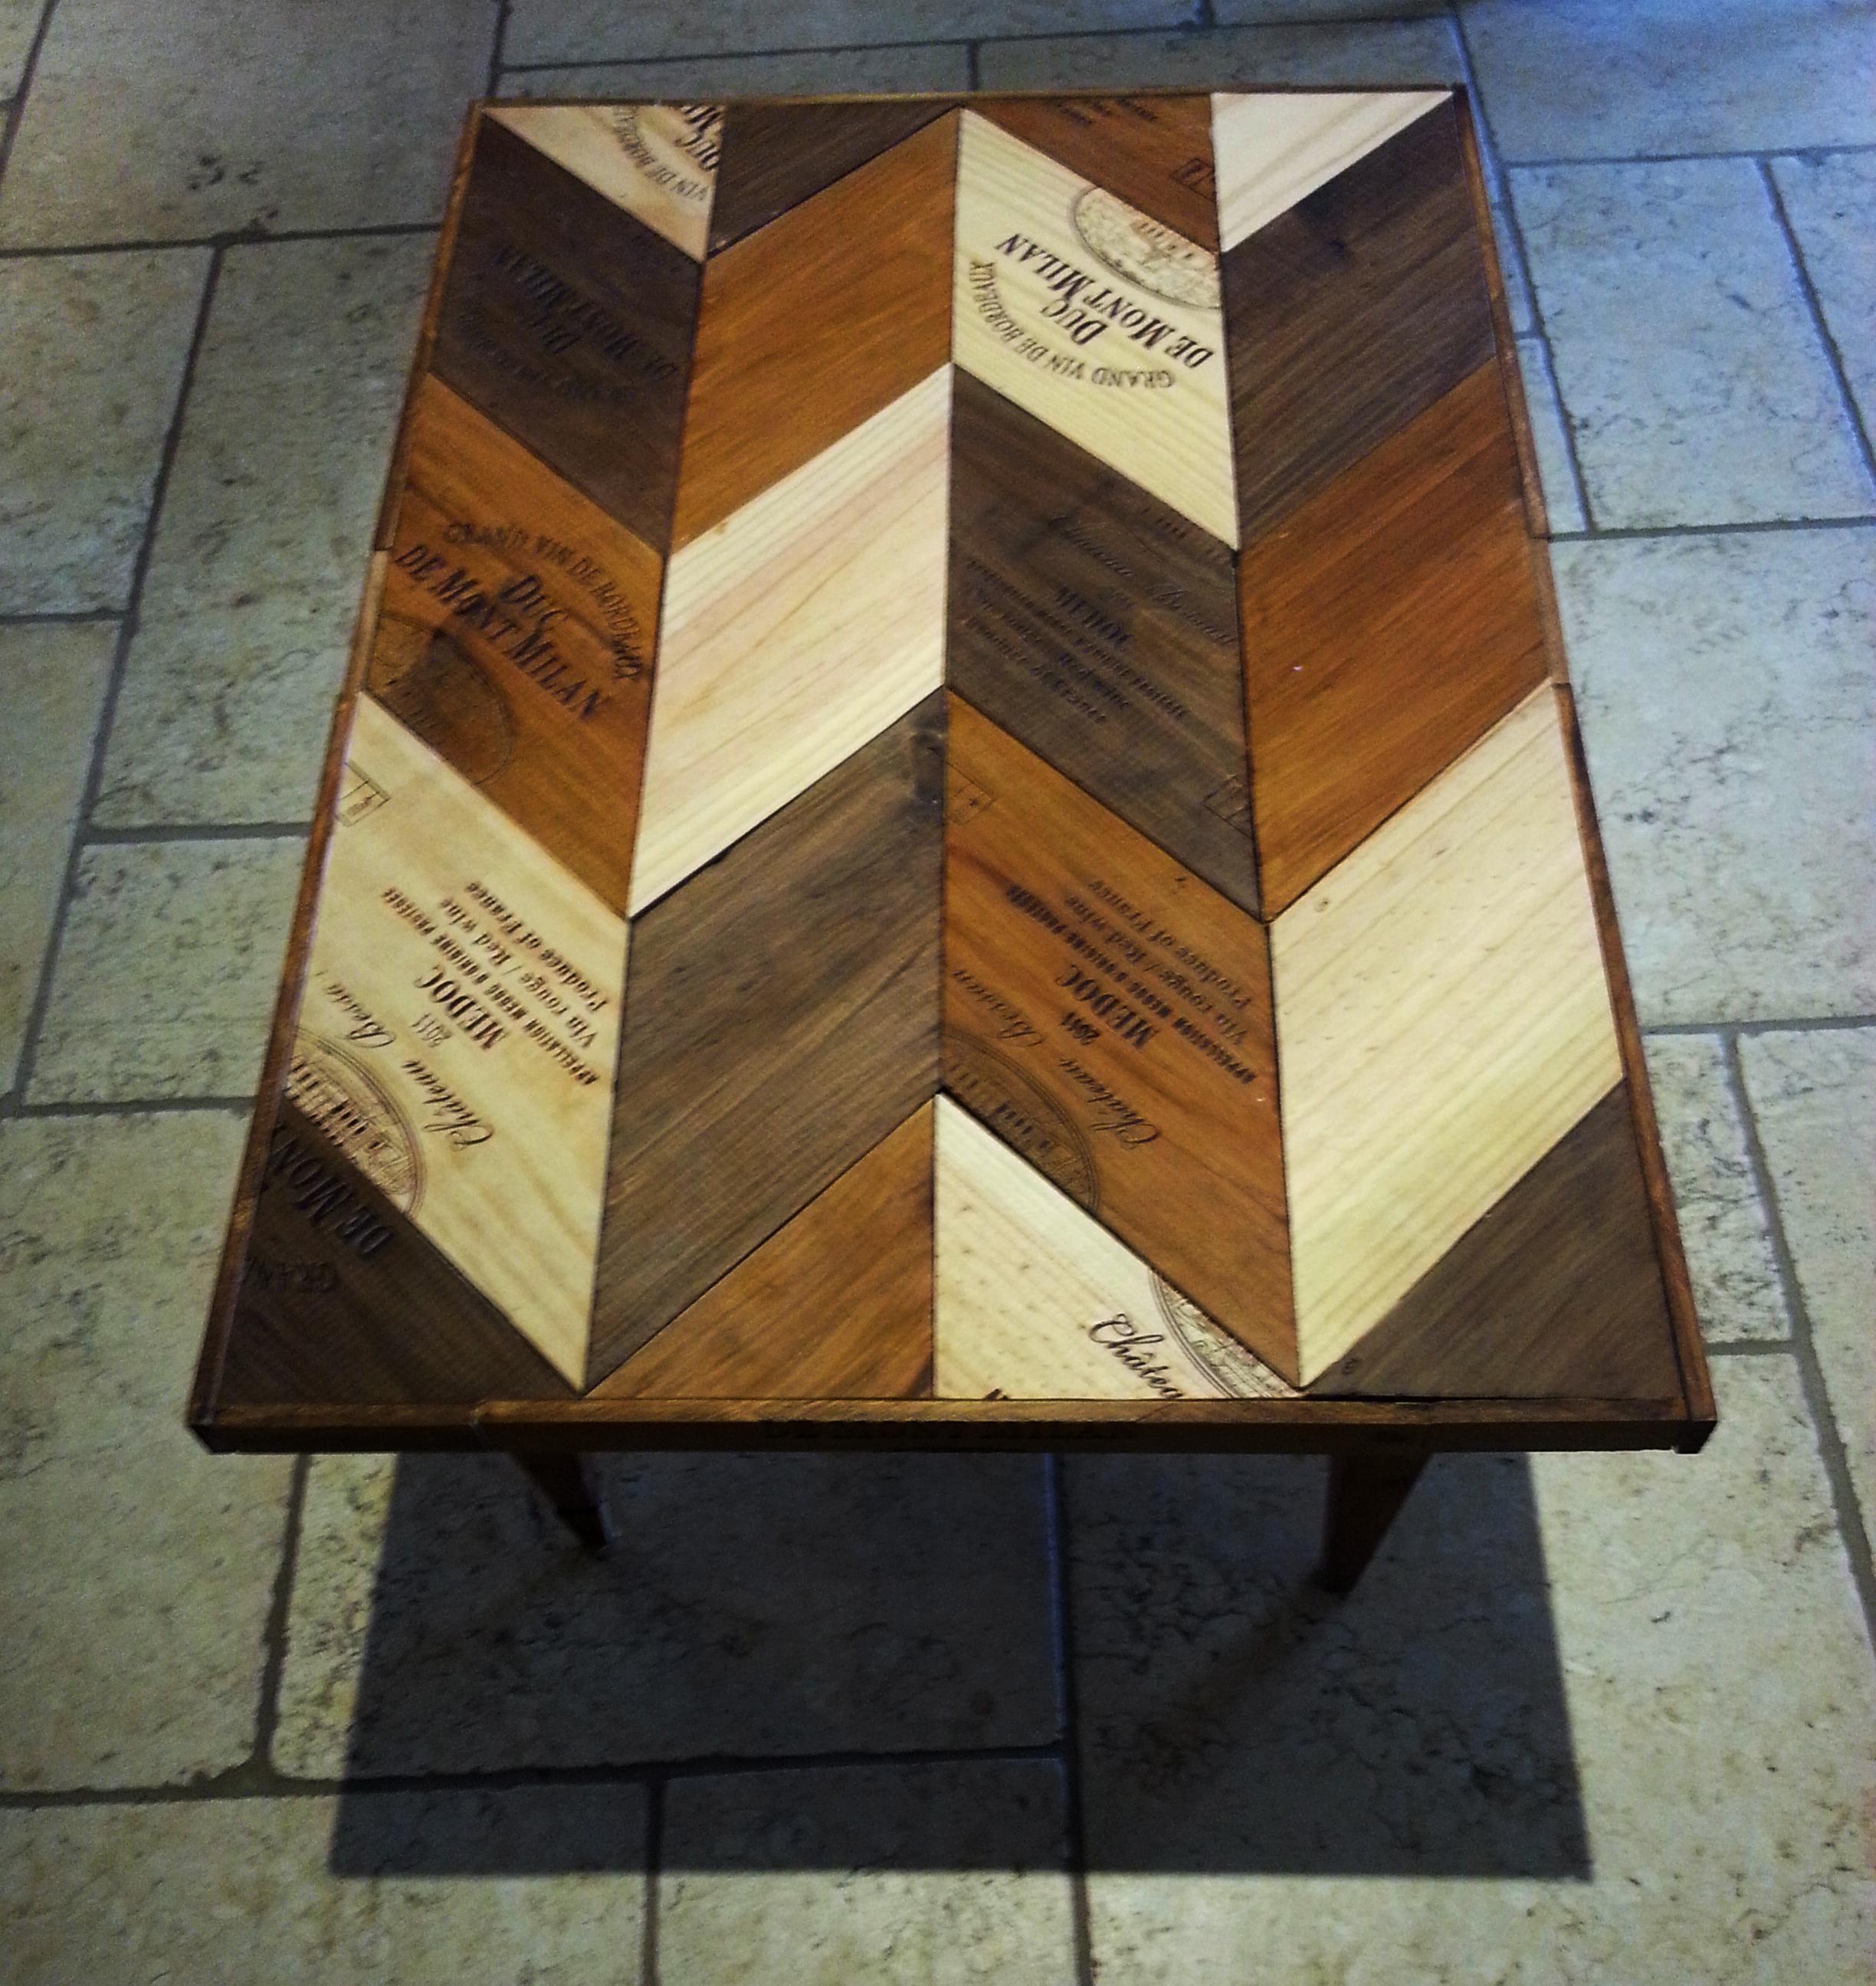 Table Basse Avec Caisse A Vin table basse chevrons caisses de vin – glenn soul'art